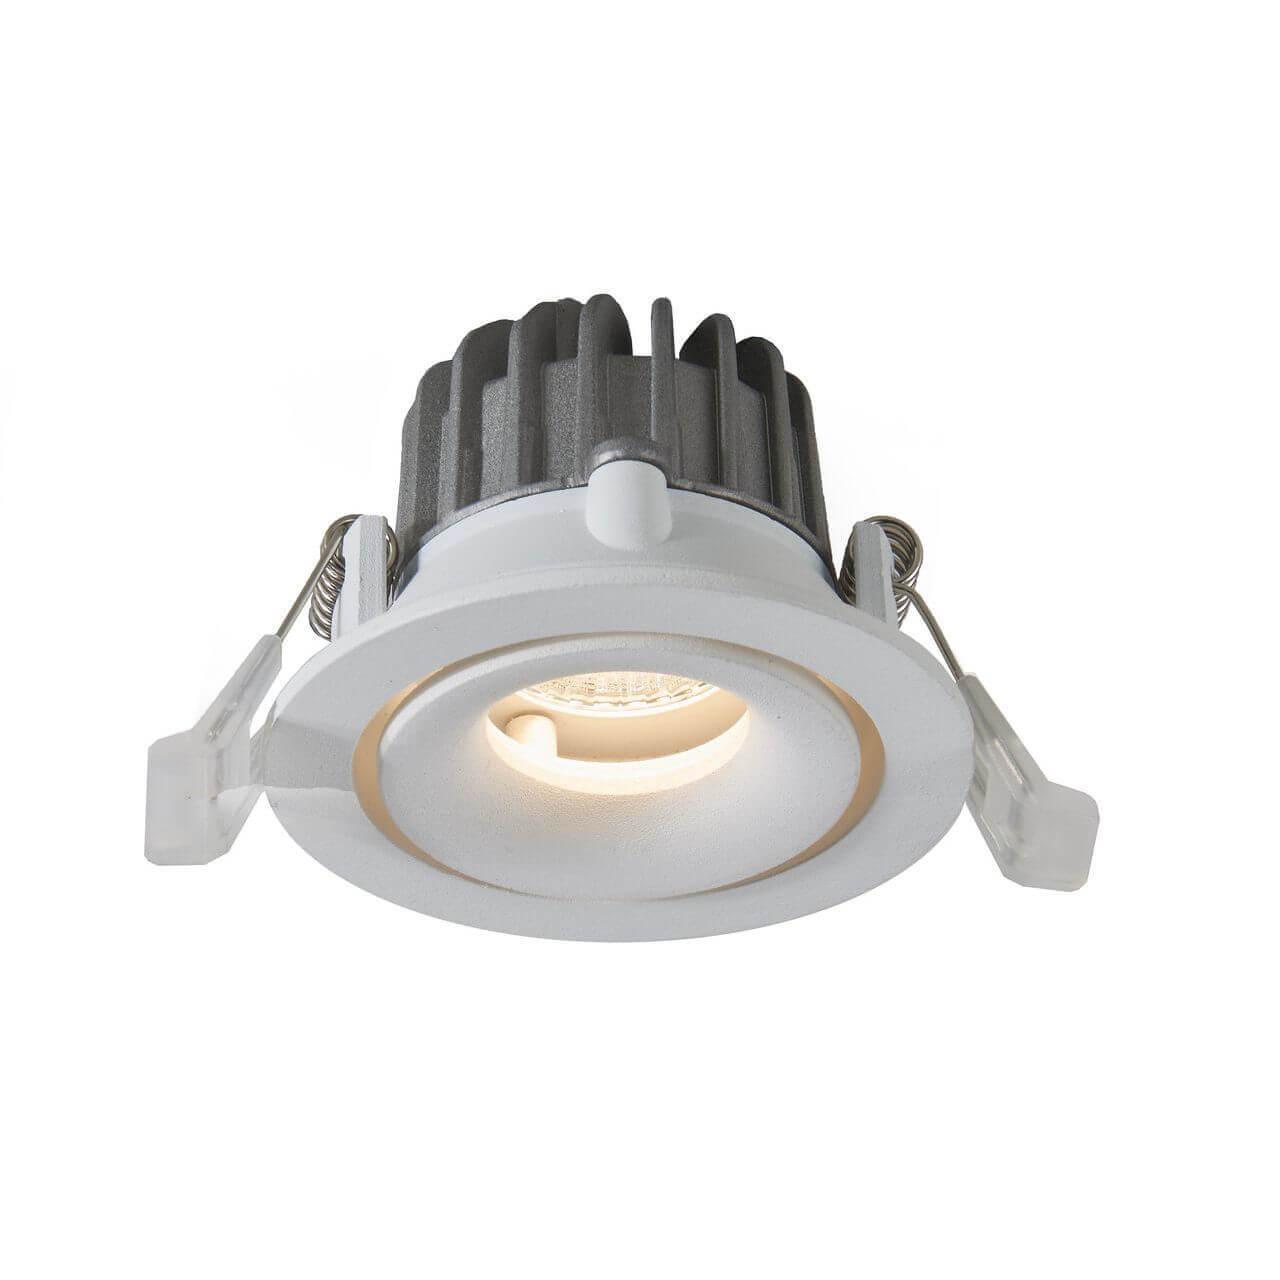 Встраиваемый светодиодный светильник Arte Lamp Apertura A3315PL-1WH встраиваемый светодиодный светильник arte lamp apertura a3315pl 1wh